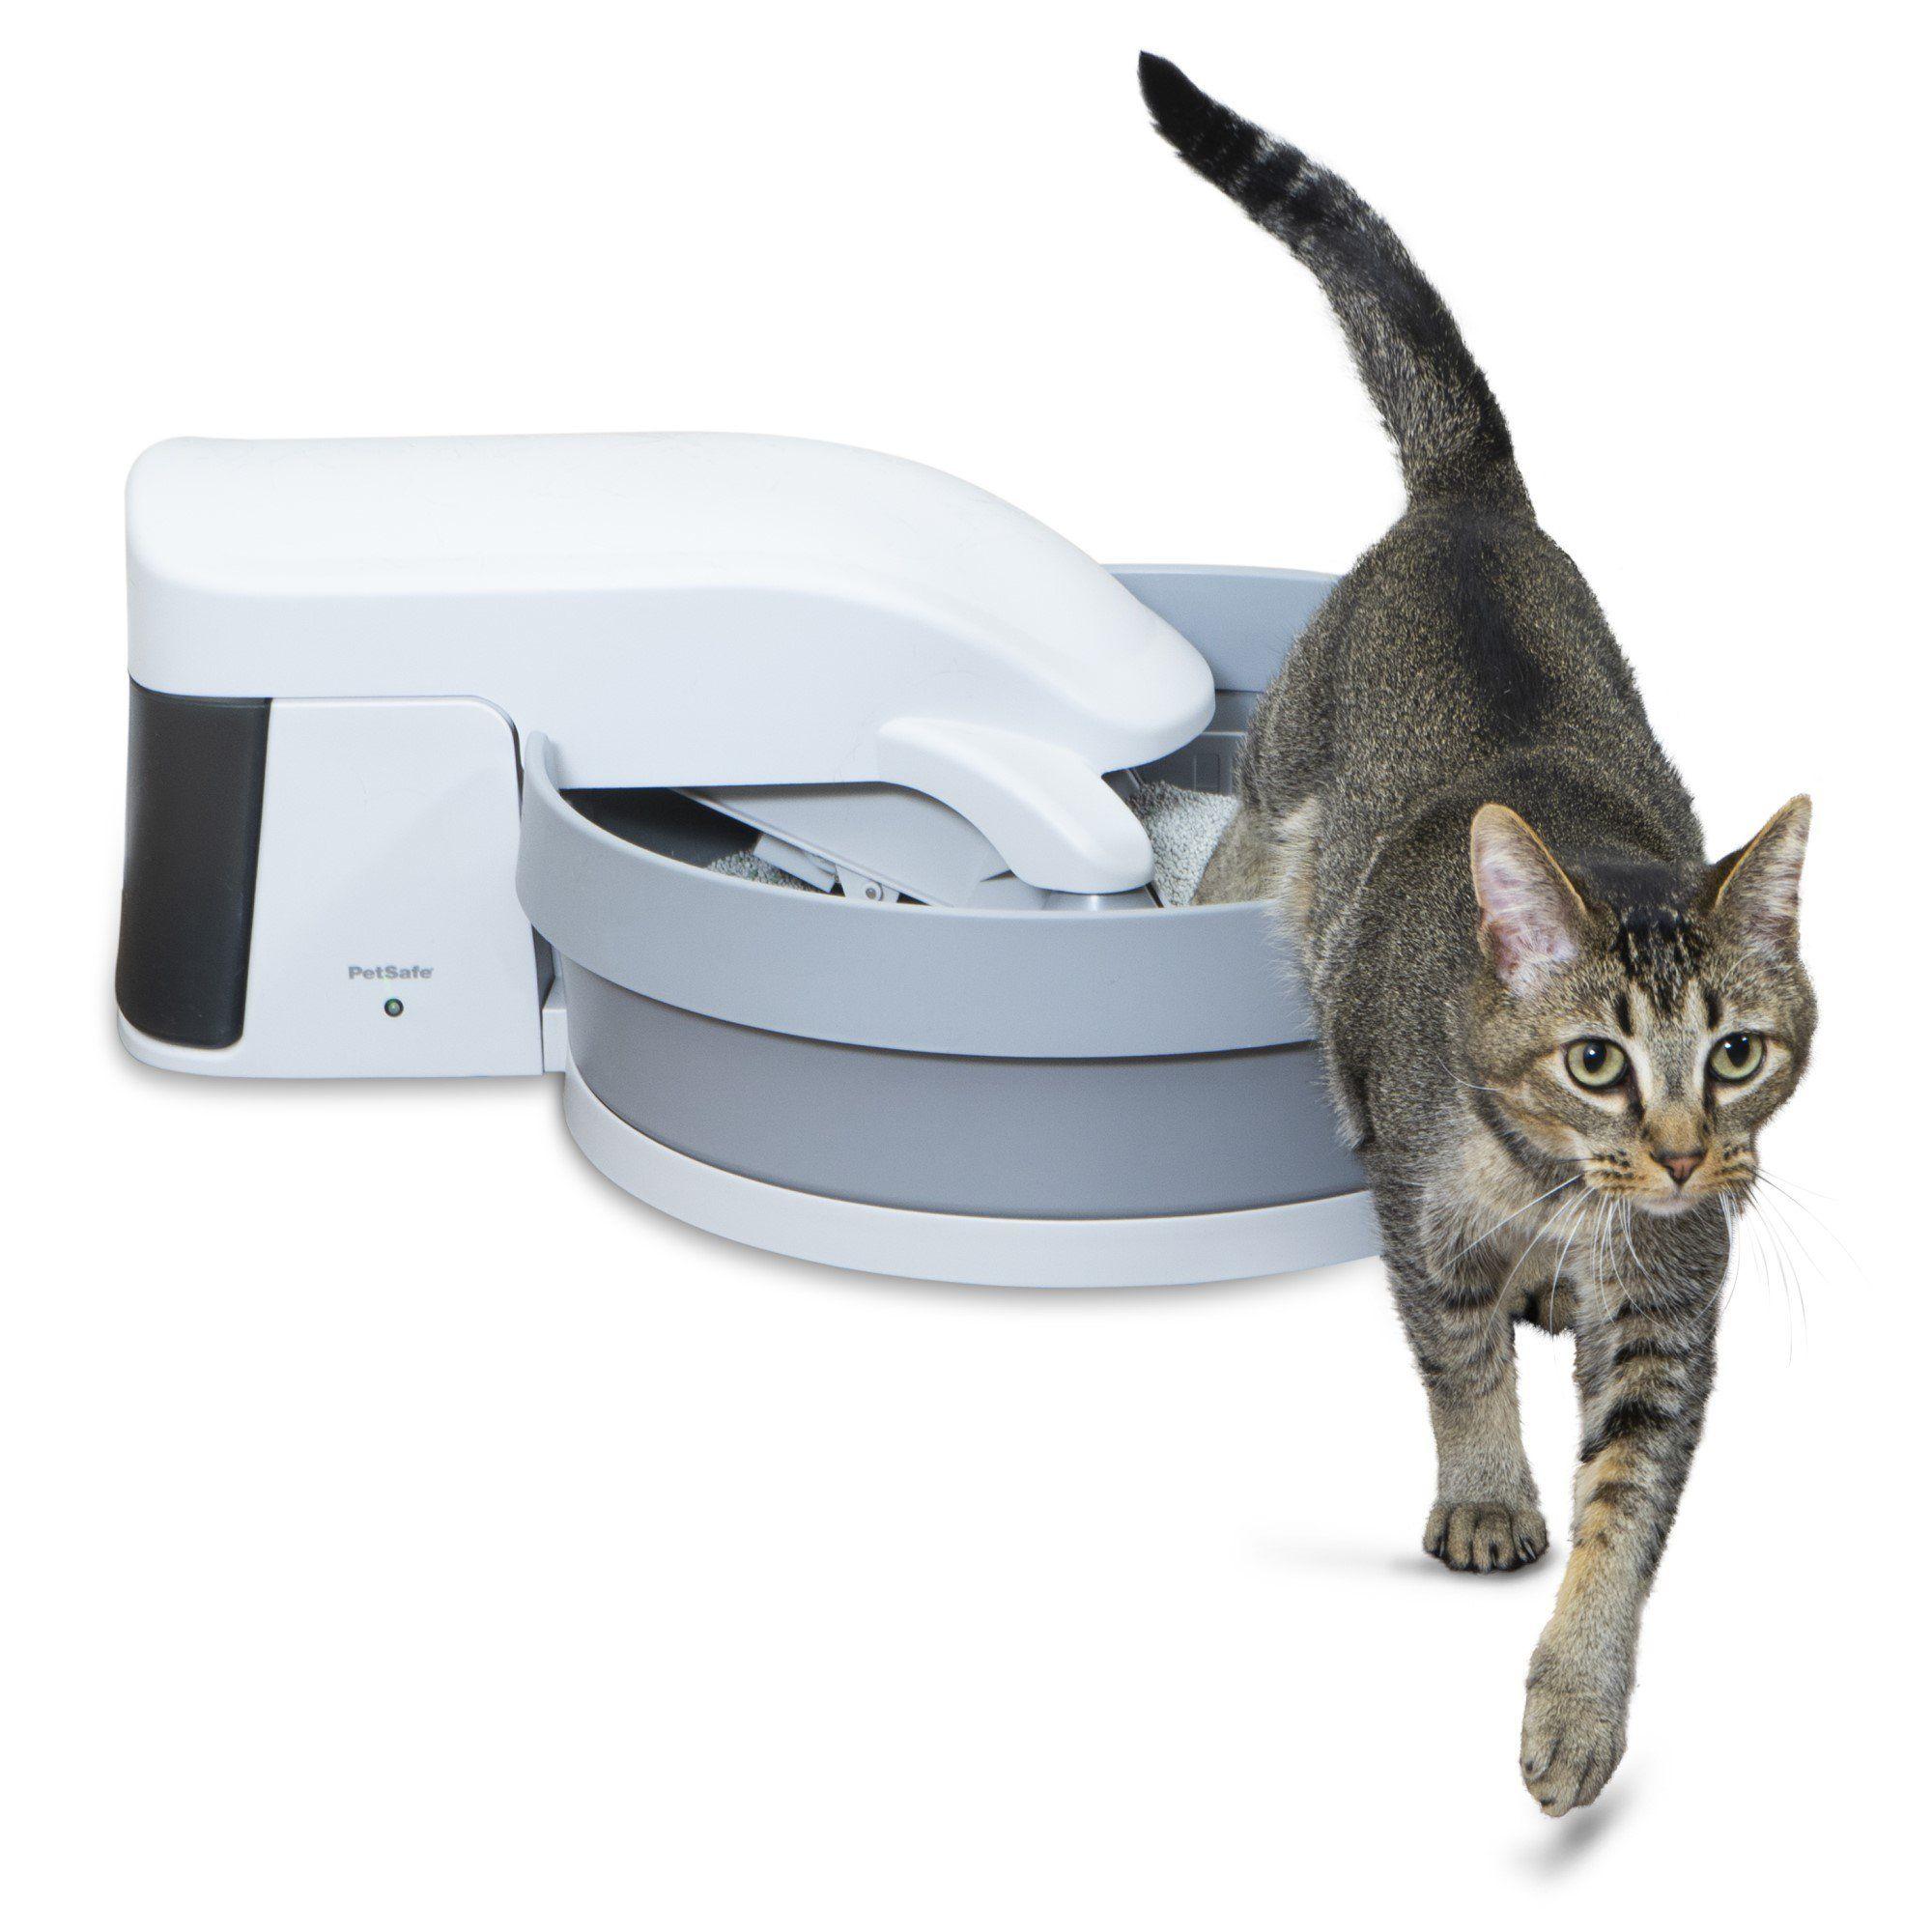 Petsafe Simply Clean Cat Litter Box Medium Automatic Litter Box Self Cleaning Litter Box Cleaning Litter Box